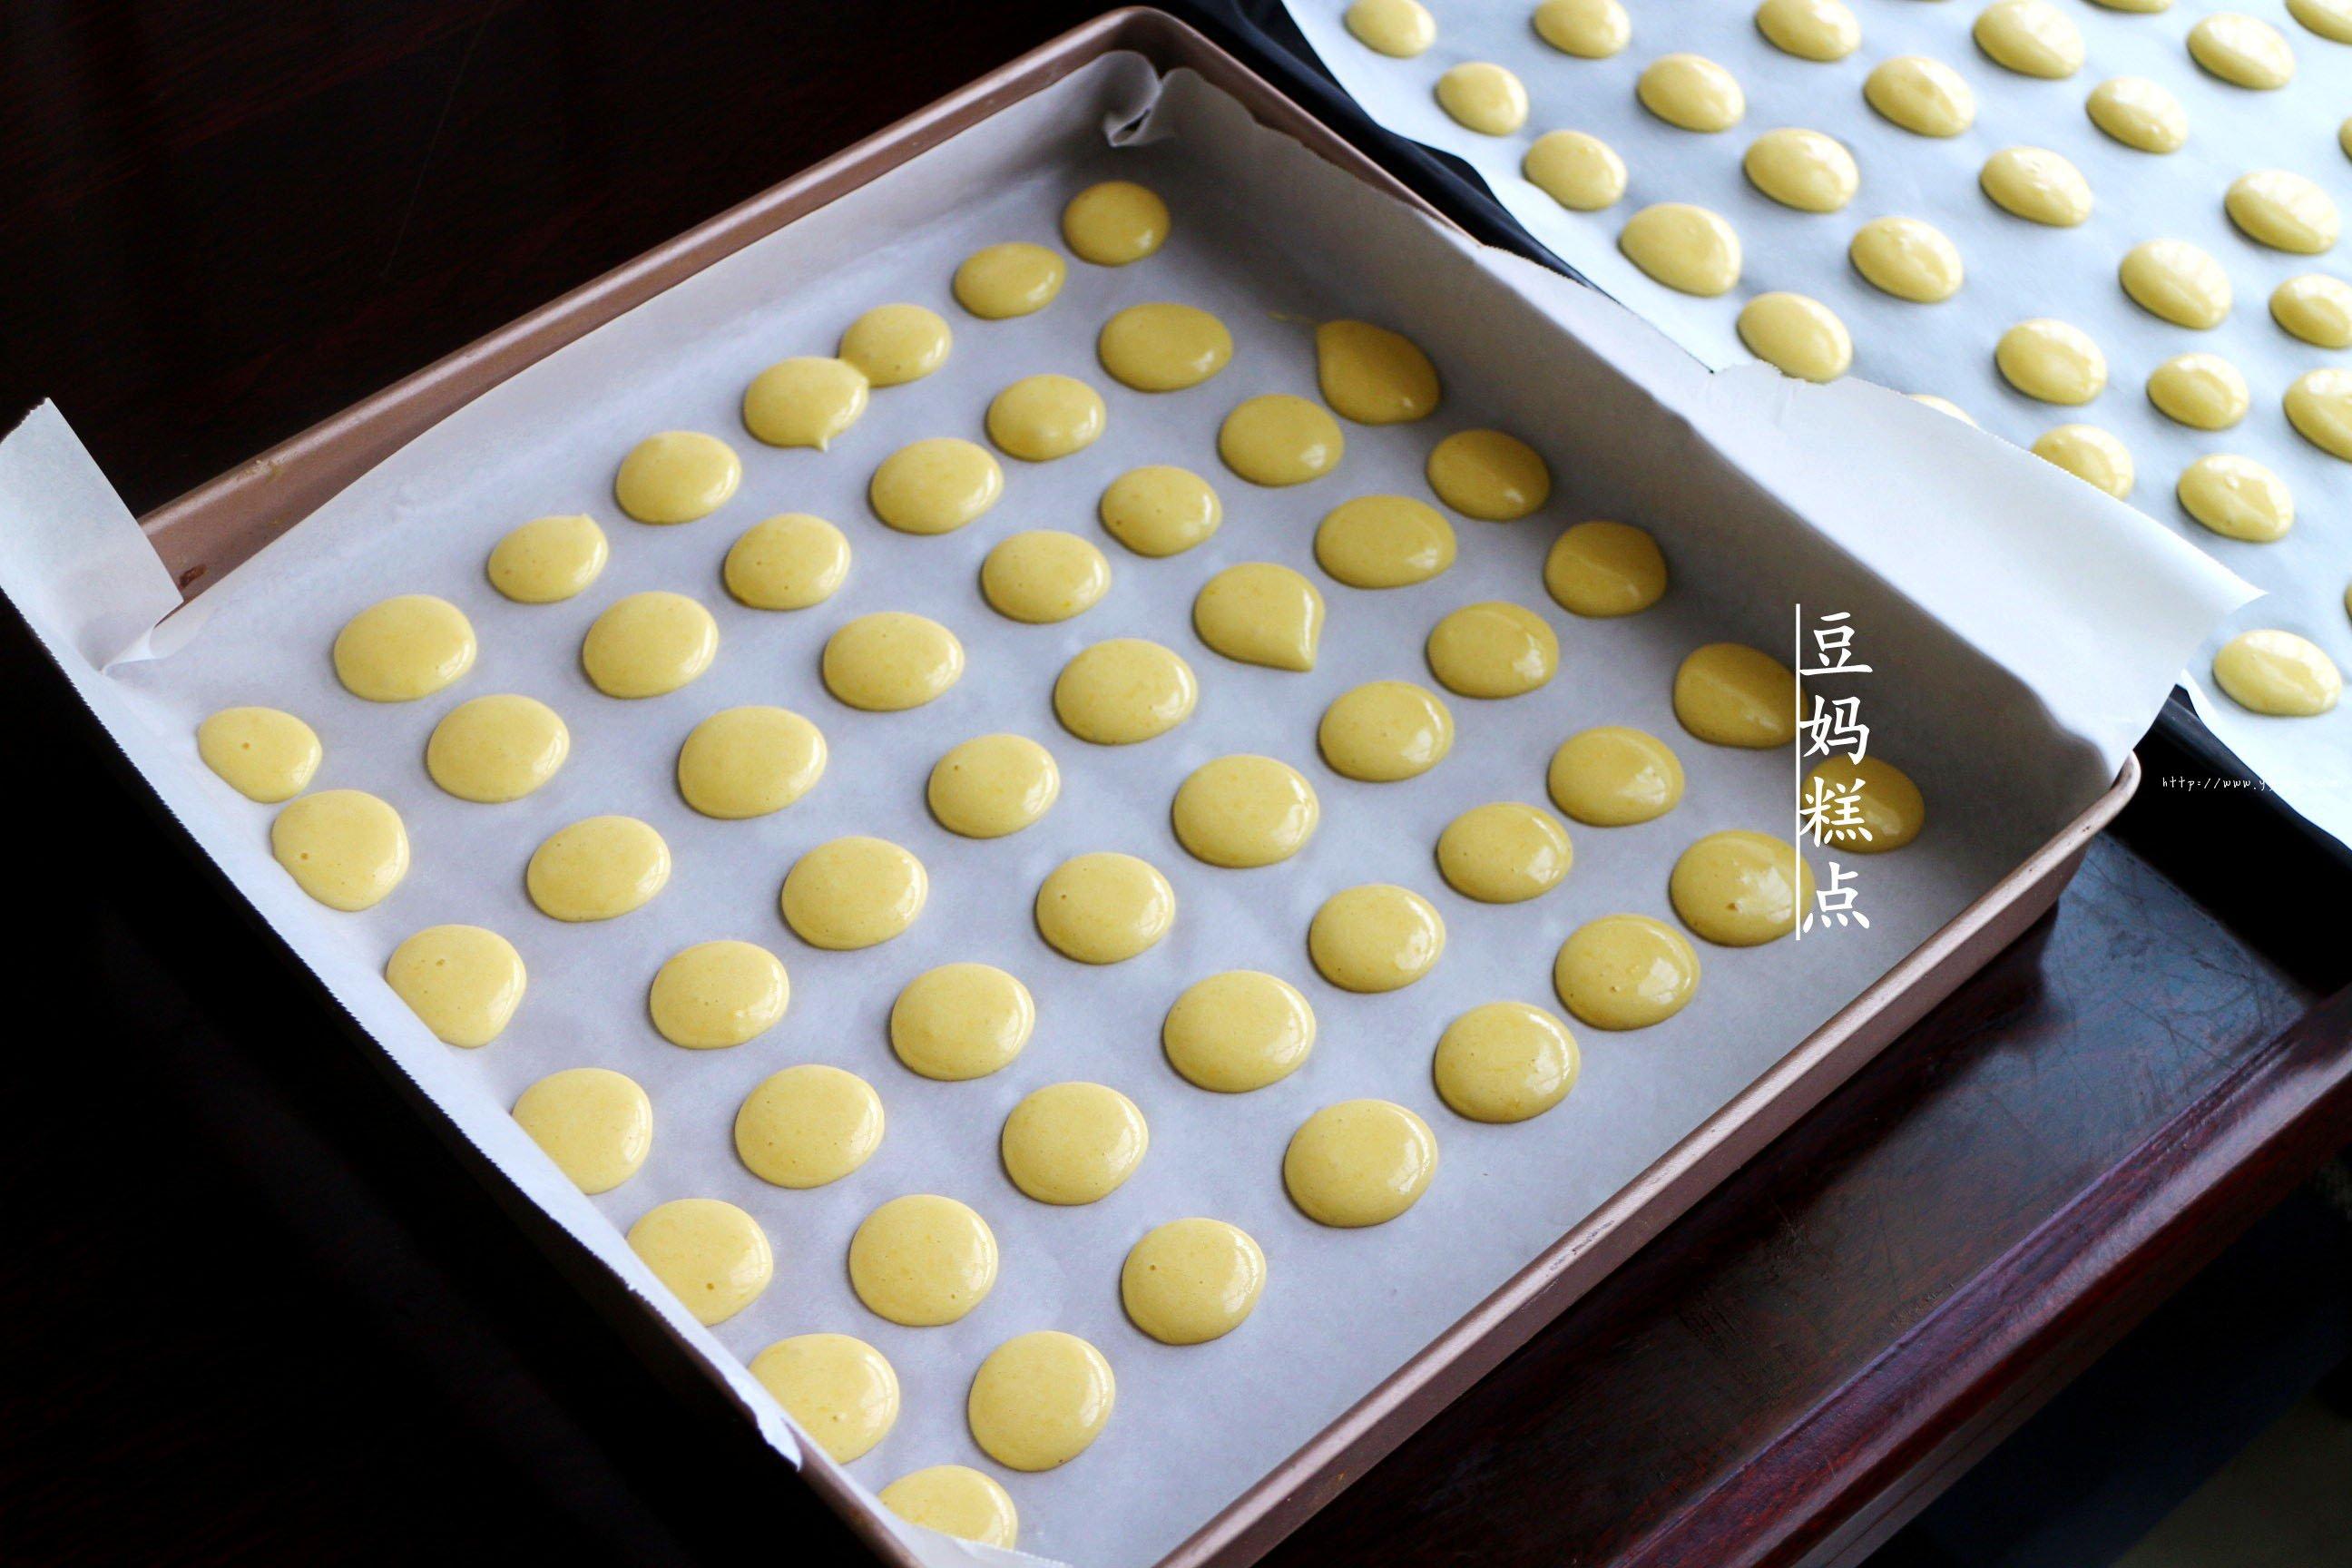 鸡蛋小饼干,又香又酥,比买的还好吃的做法 步骤10